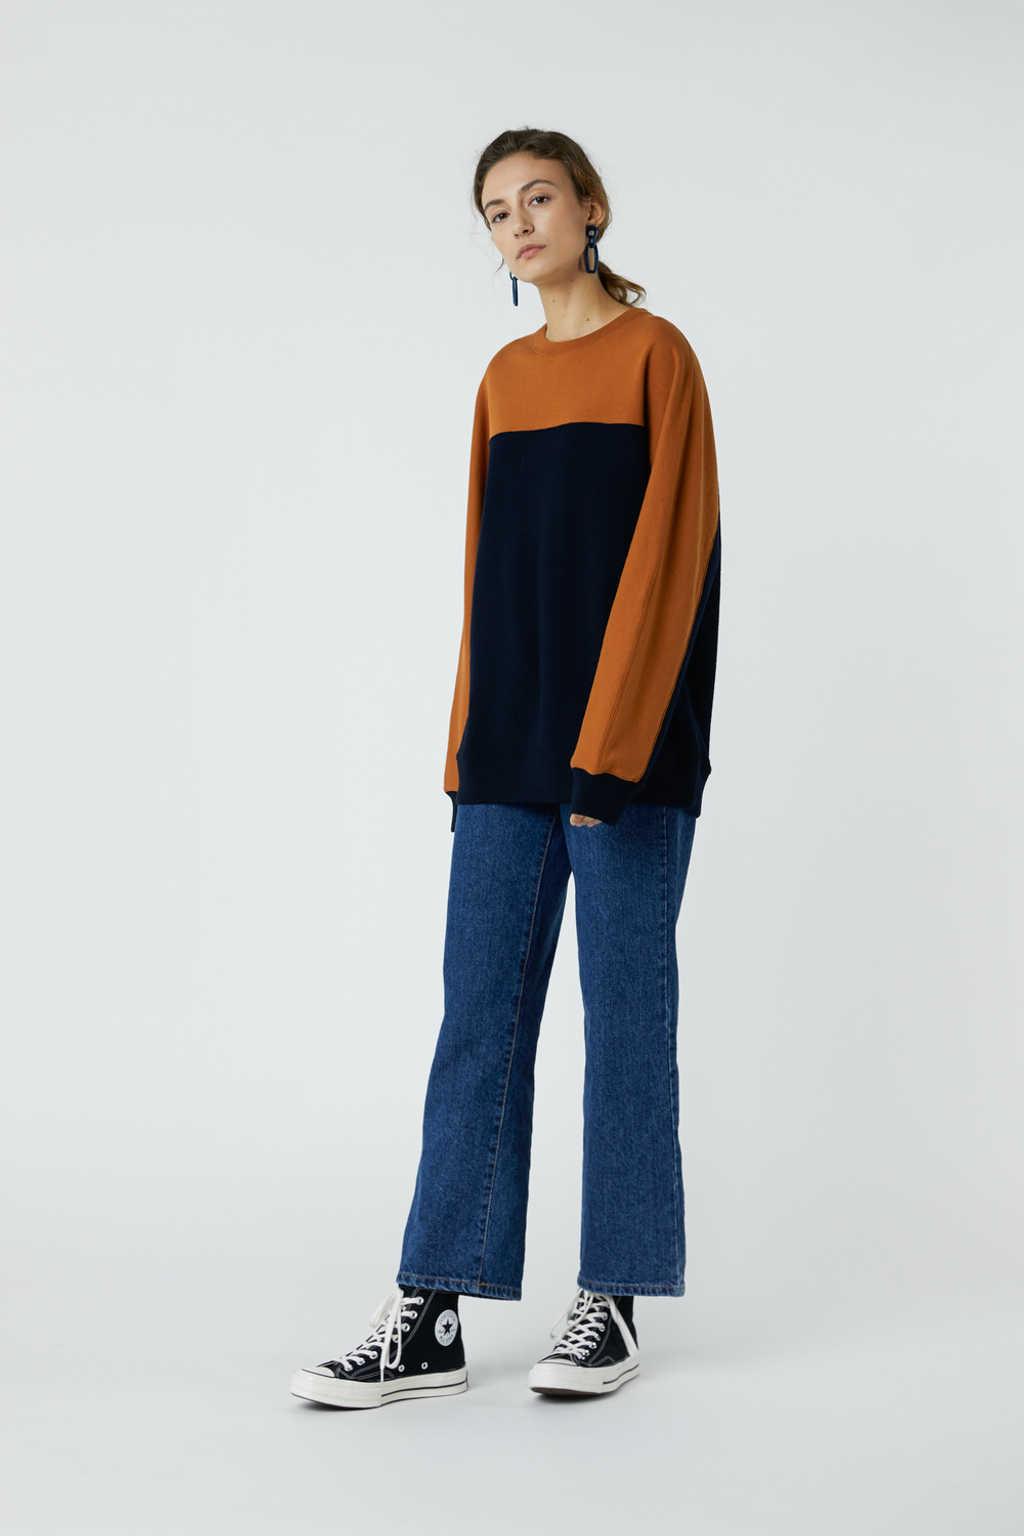 Sweatshirt 3314 Navy 1